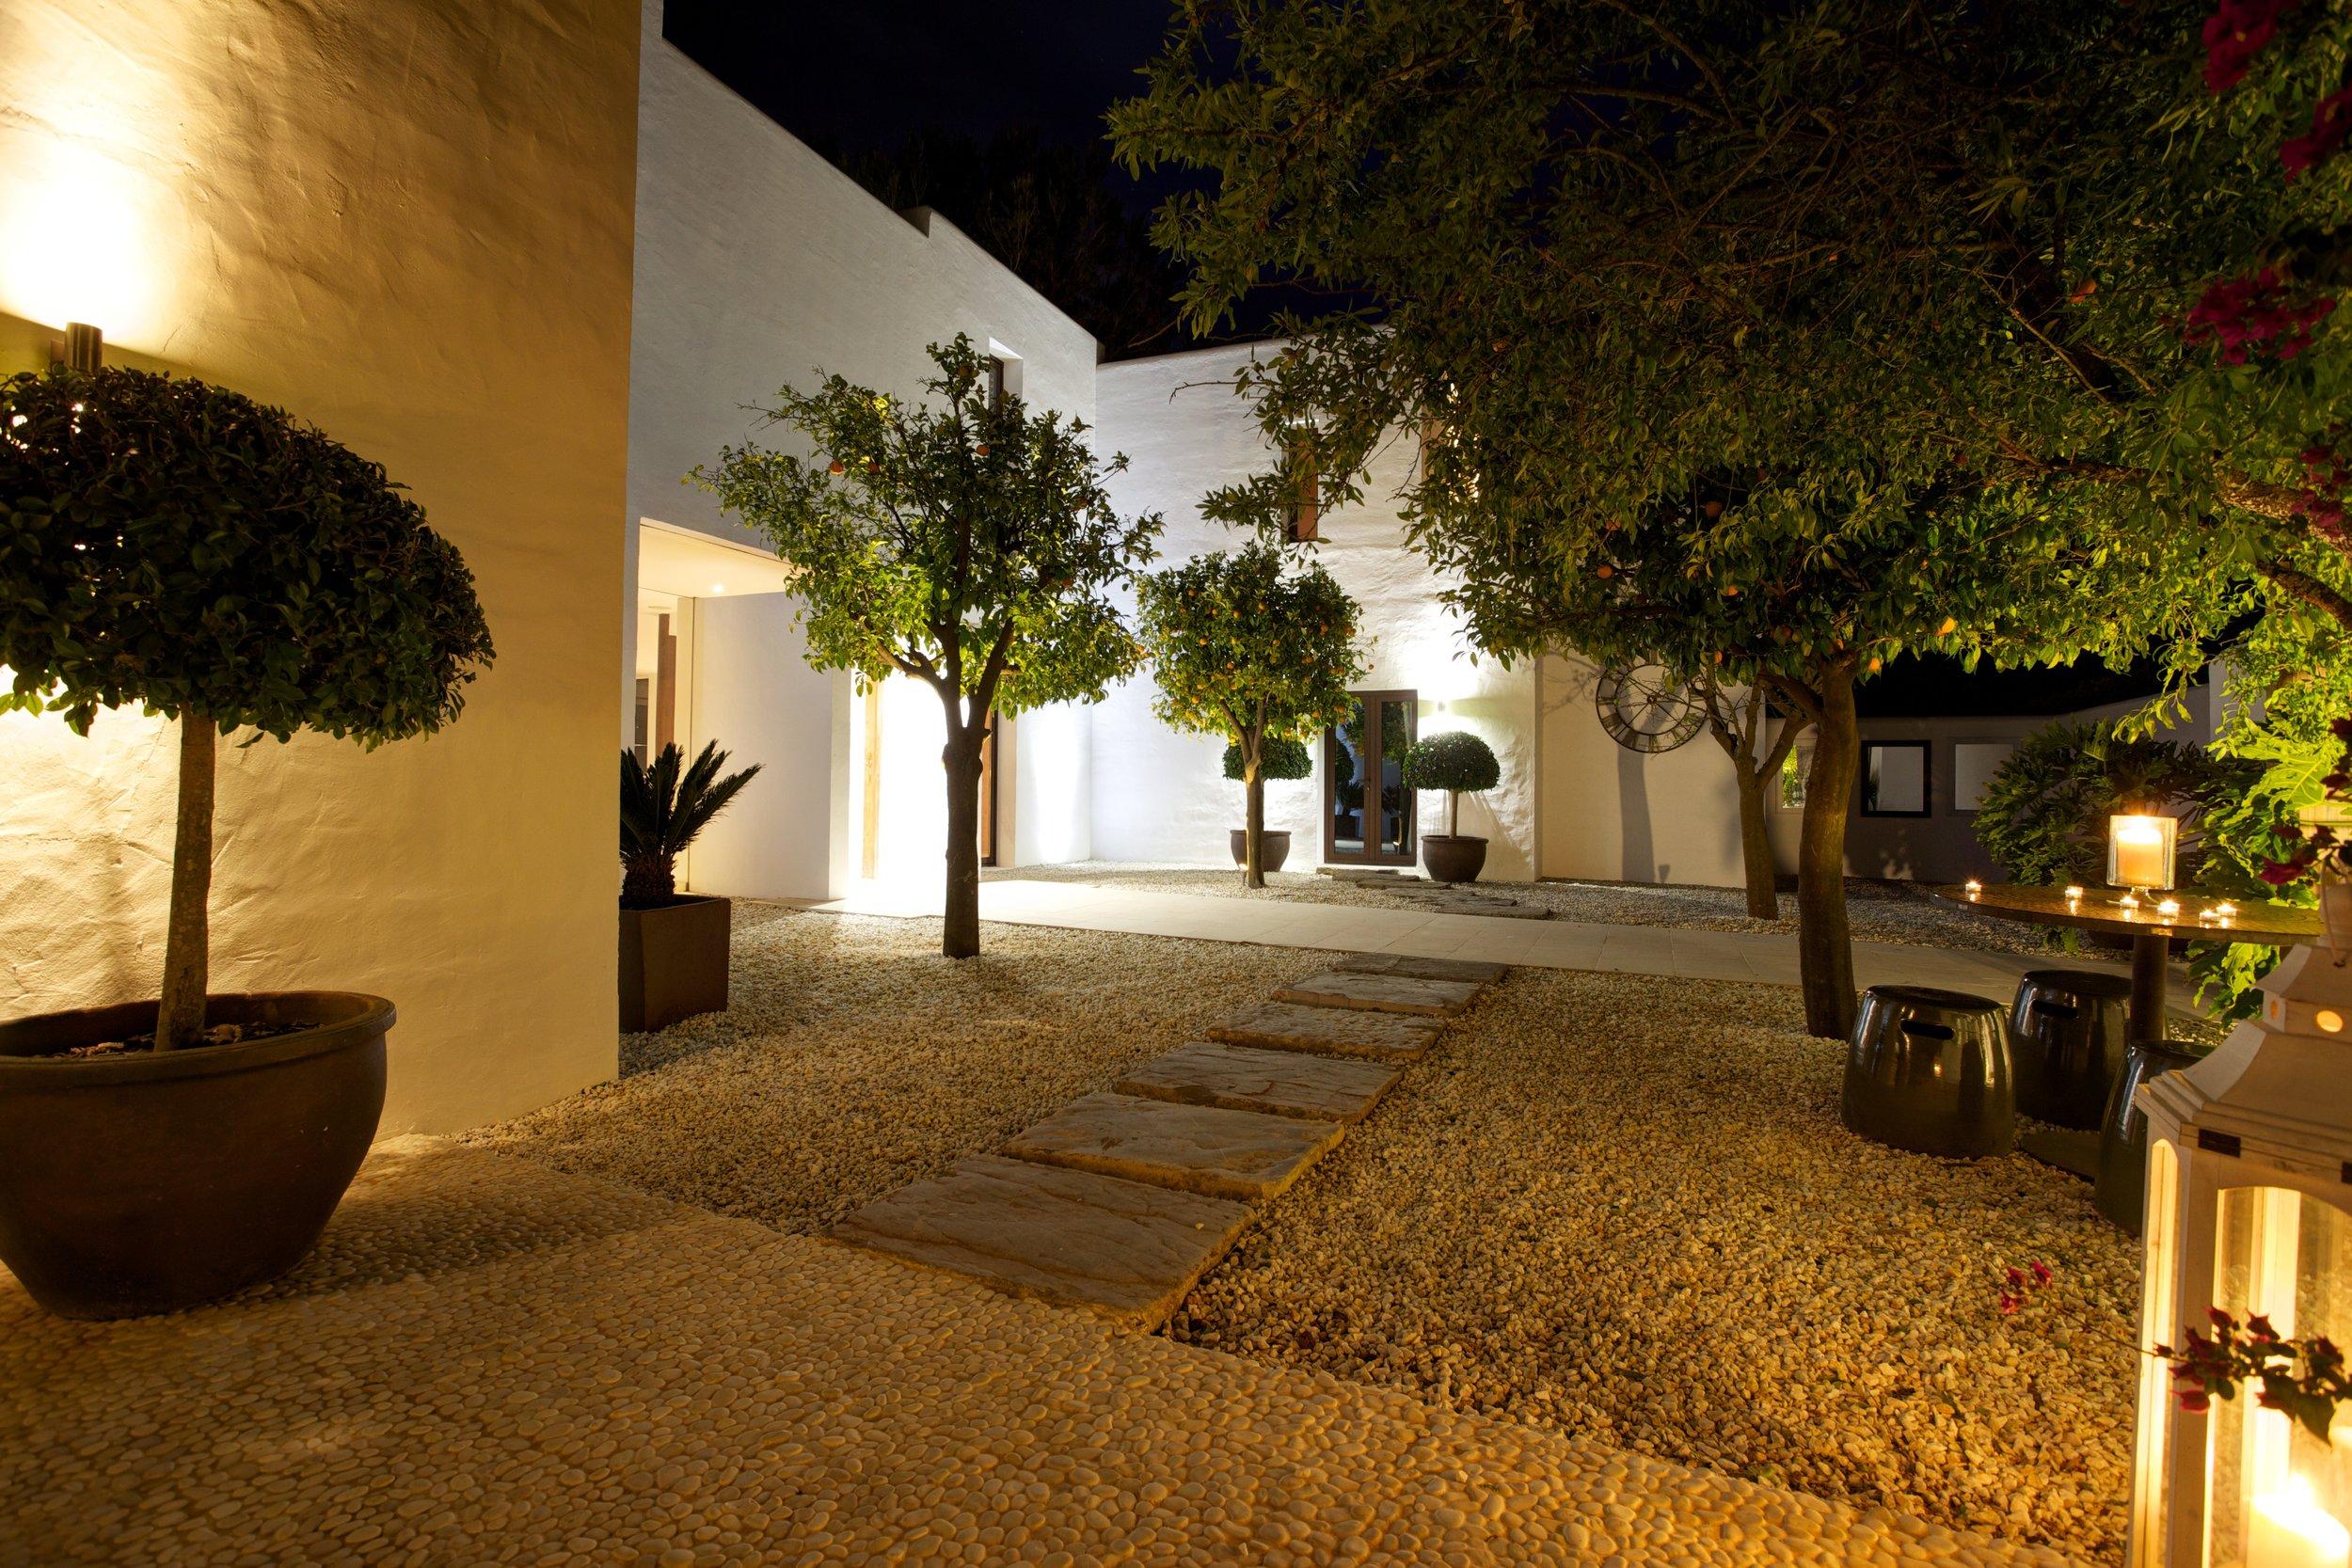 B Entrance courtyard by night.jpg